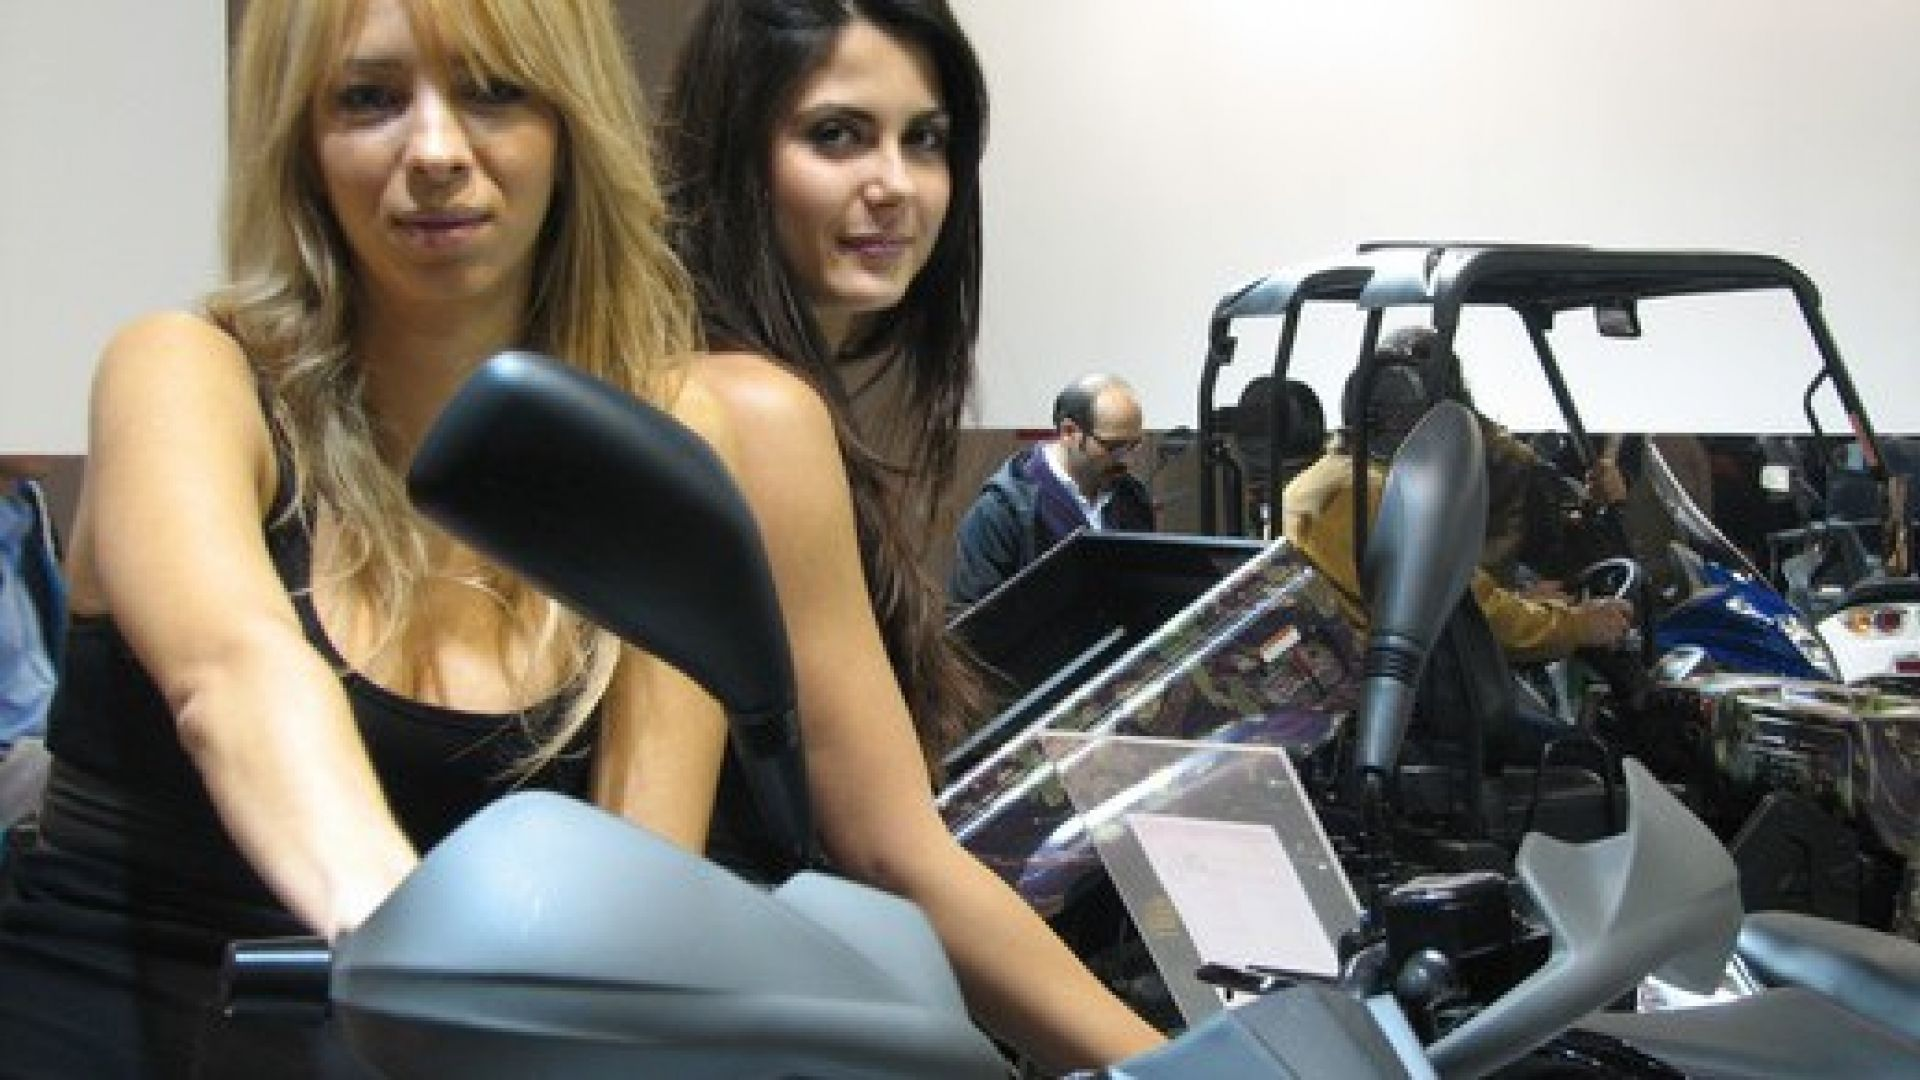 Immagine 13: Le ragazze degli stand